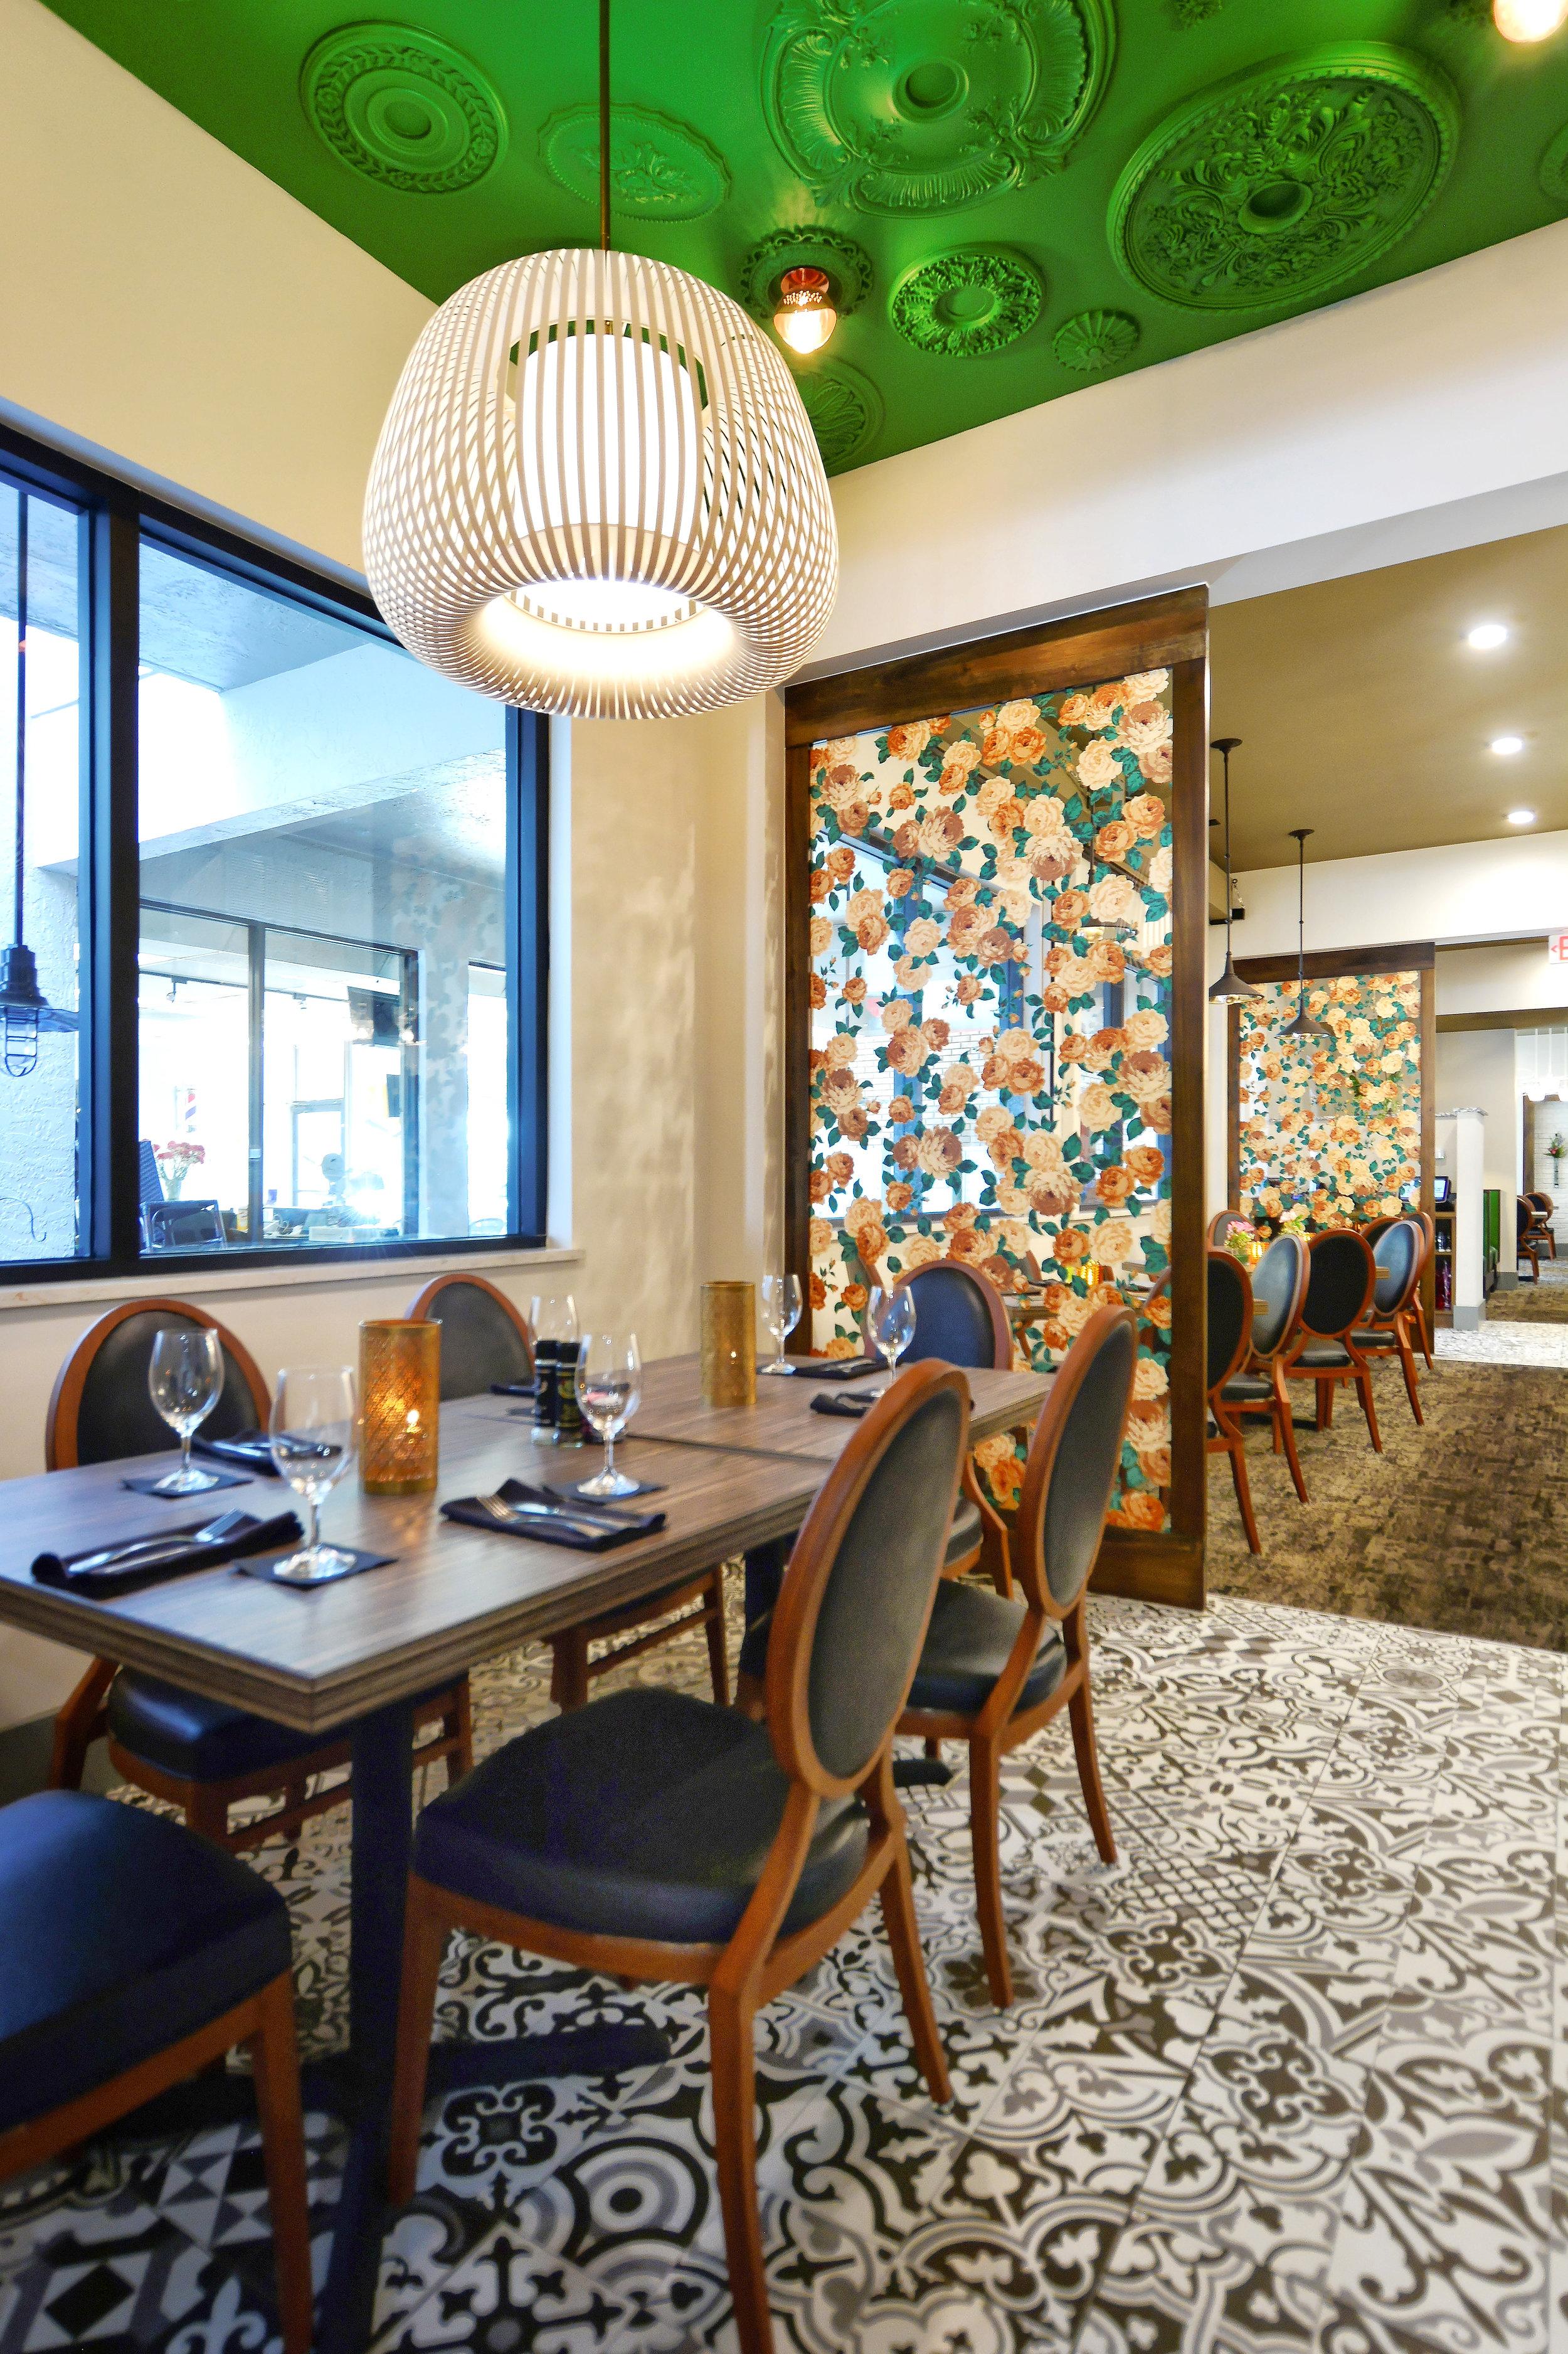 101-West-Venice-Avenue-Cafe-Venice-160.jpg